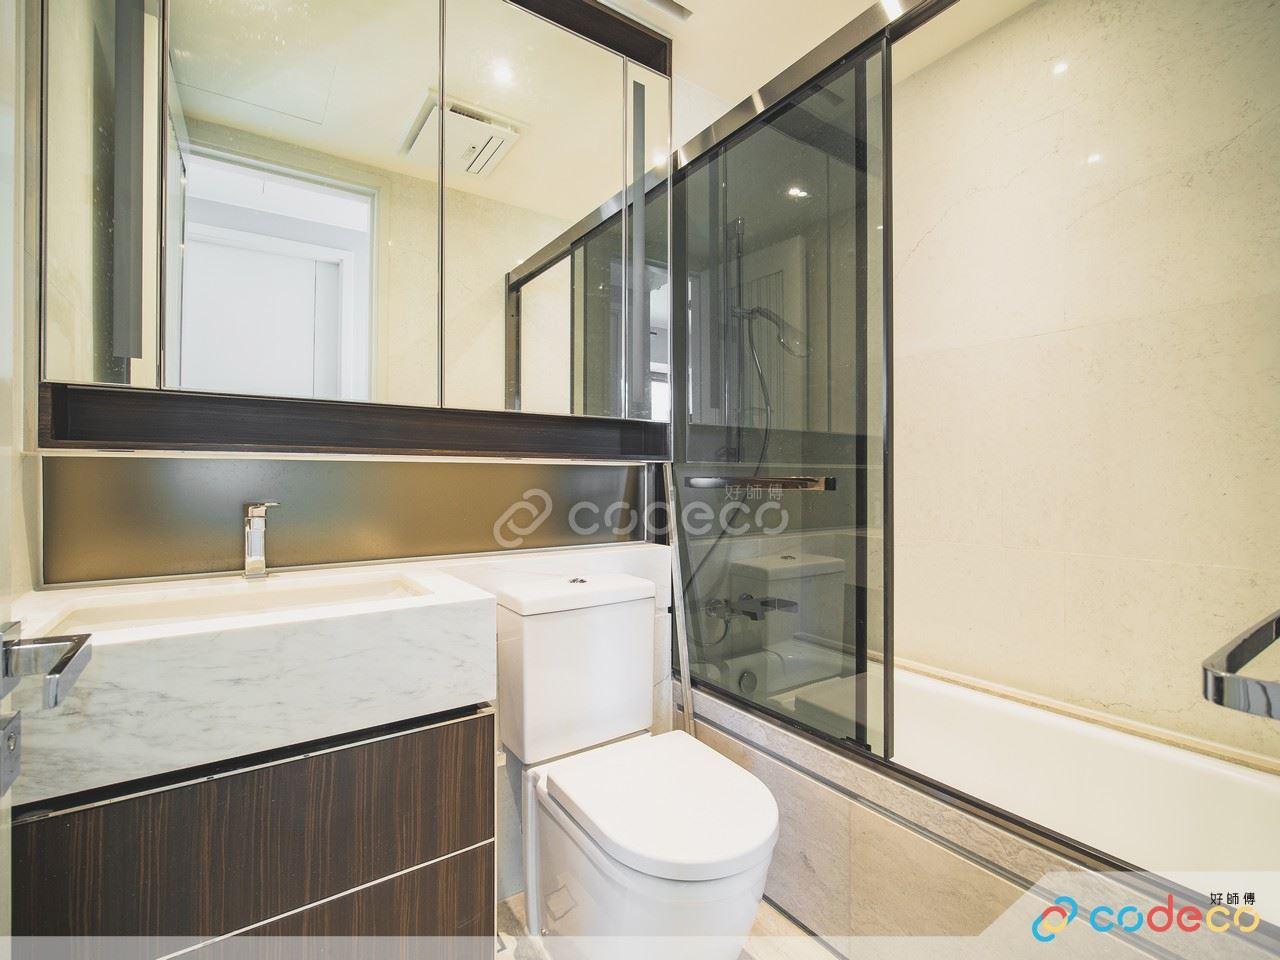 浴缸浴屏設計案例